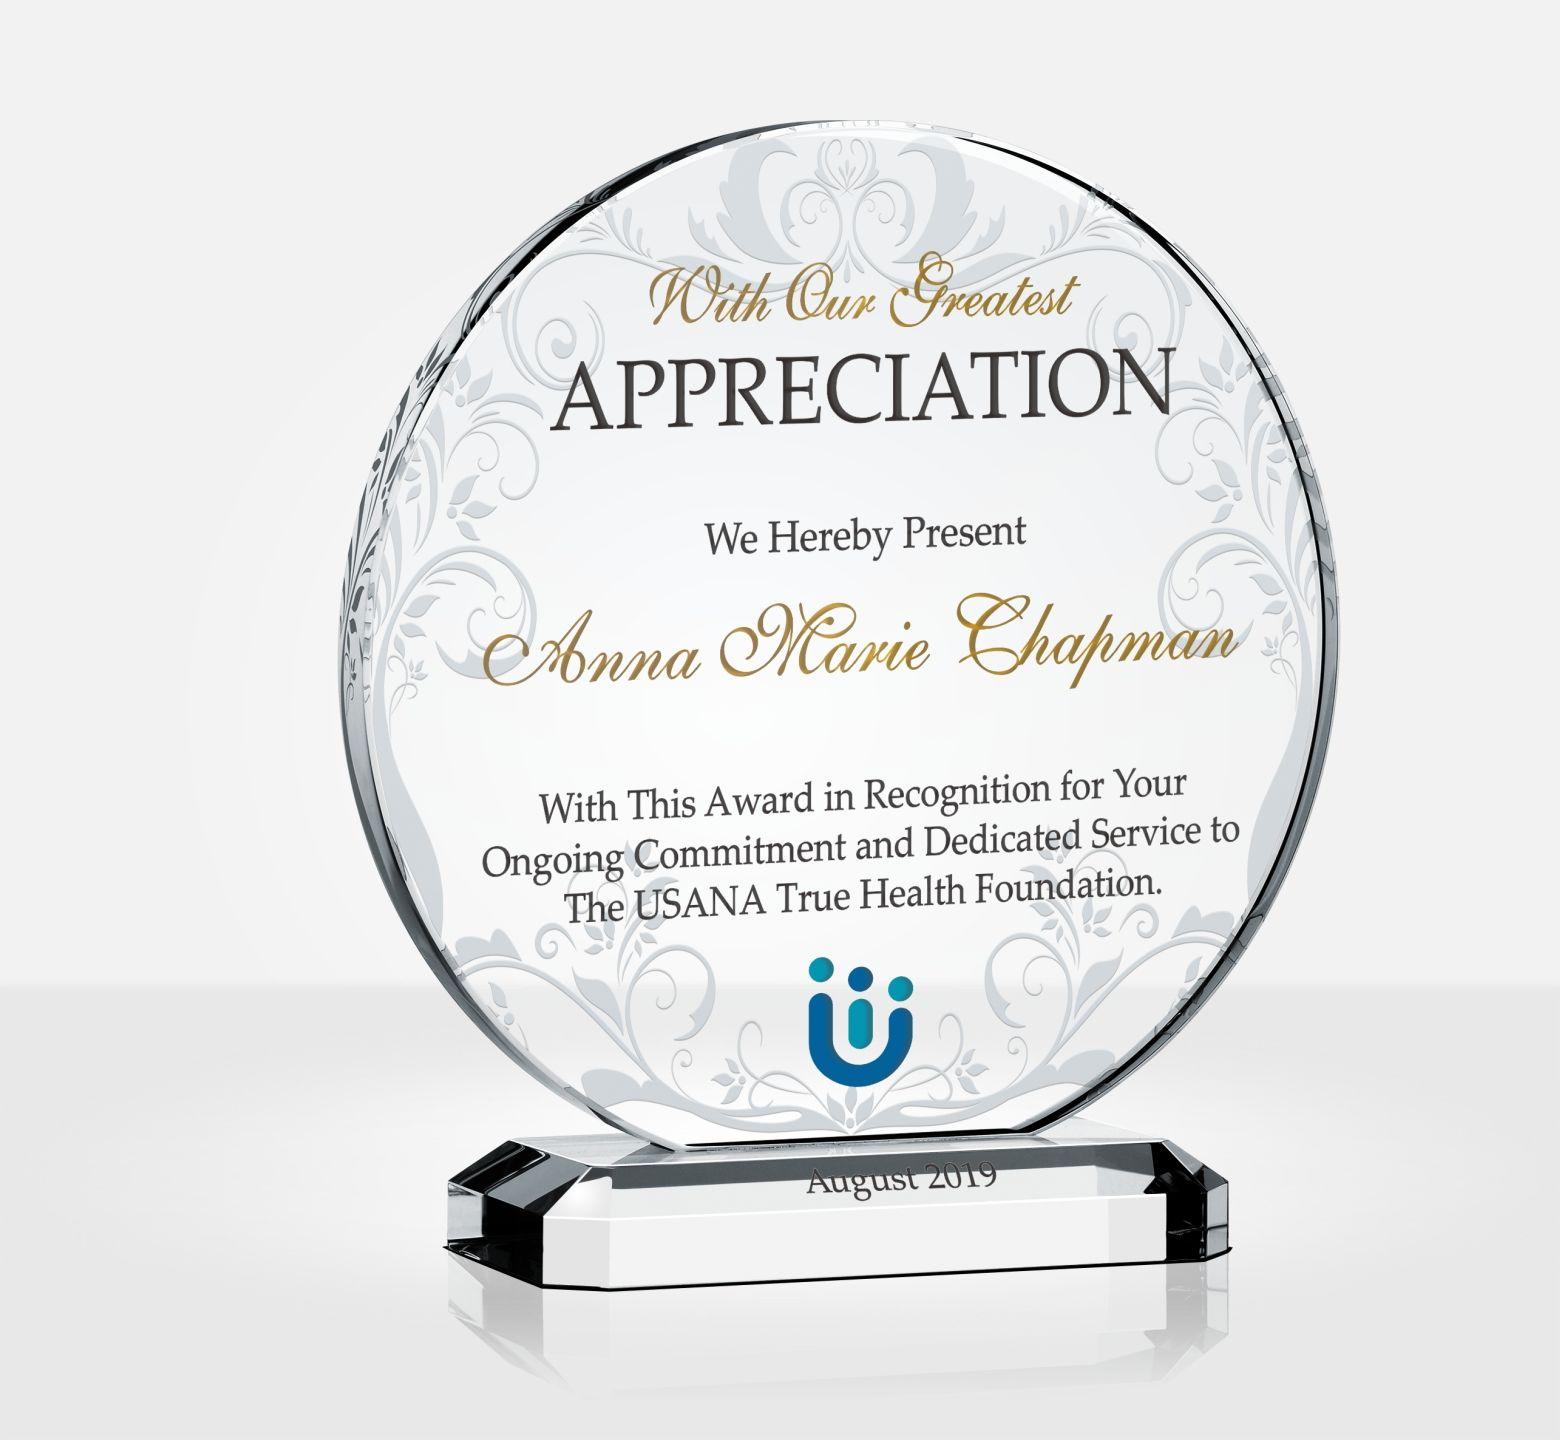 Appreciation Plaque For Teachers Educators And Professors